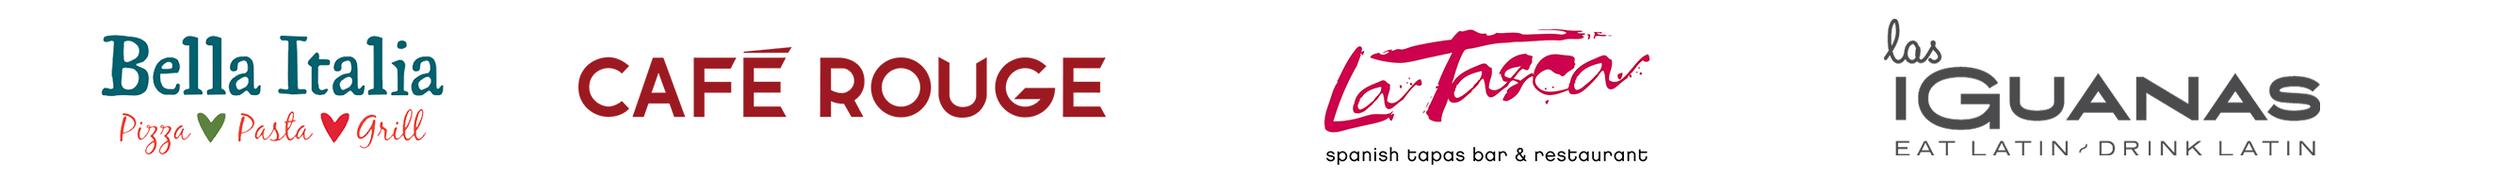 CDG-group-of-logos.png